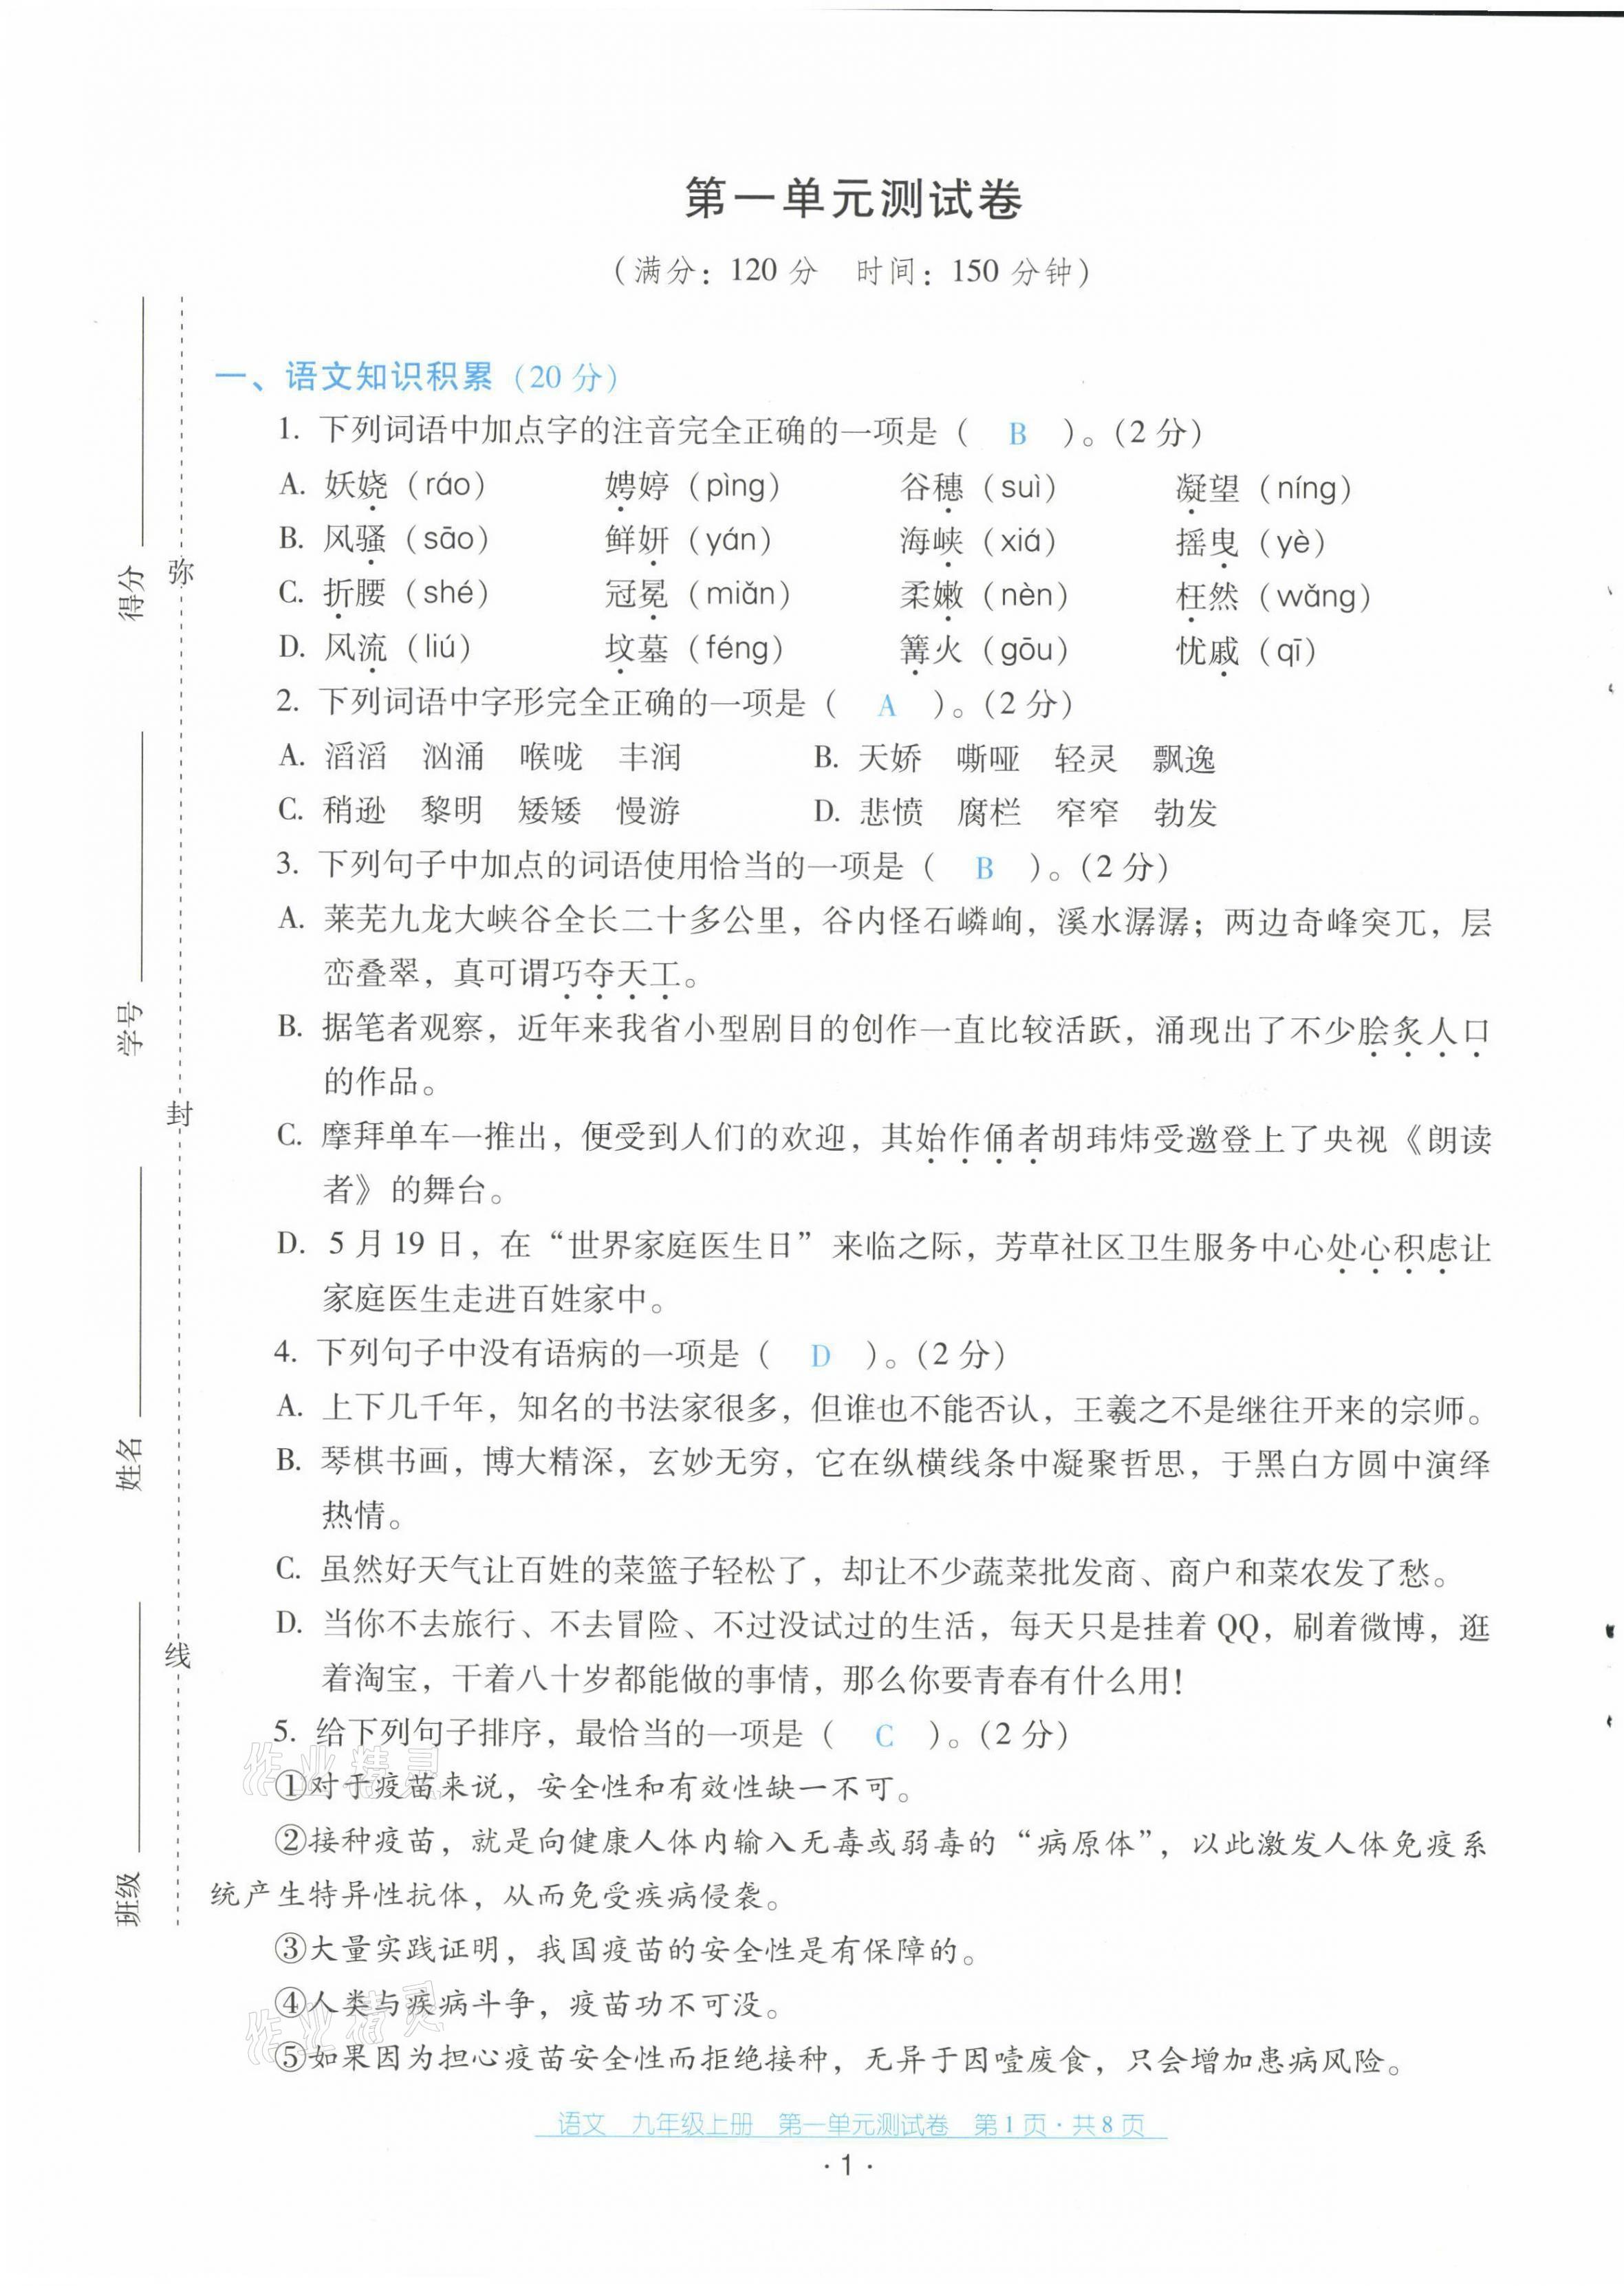 2021年云南省标准教辅优佳学案配套测试卷九年级语文上册人教版第1页